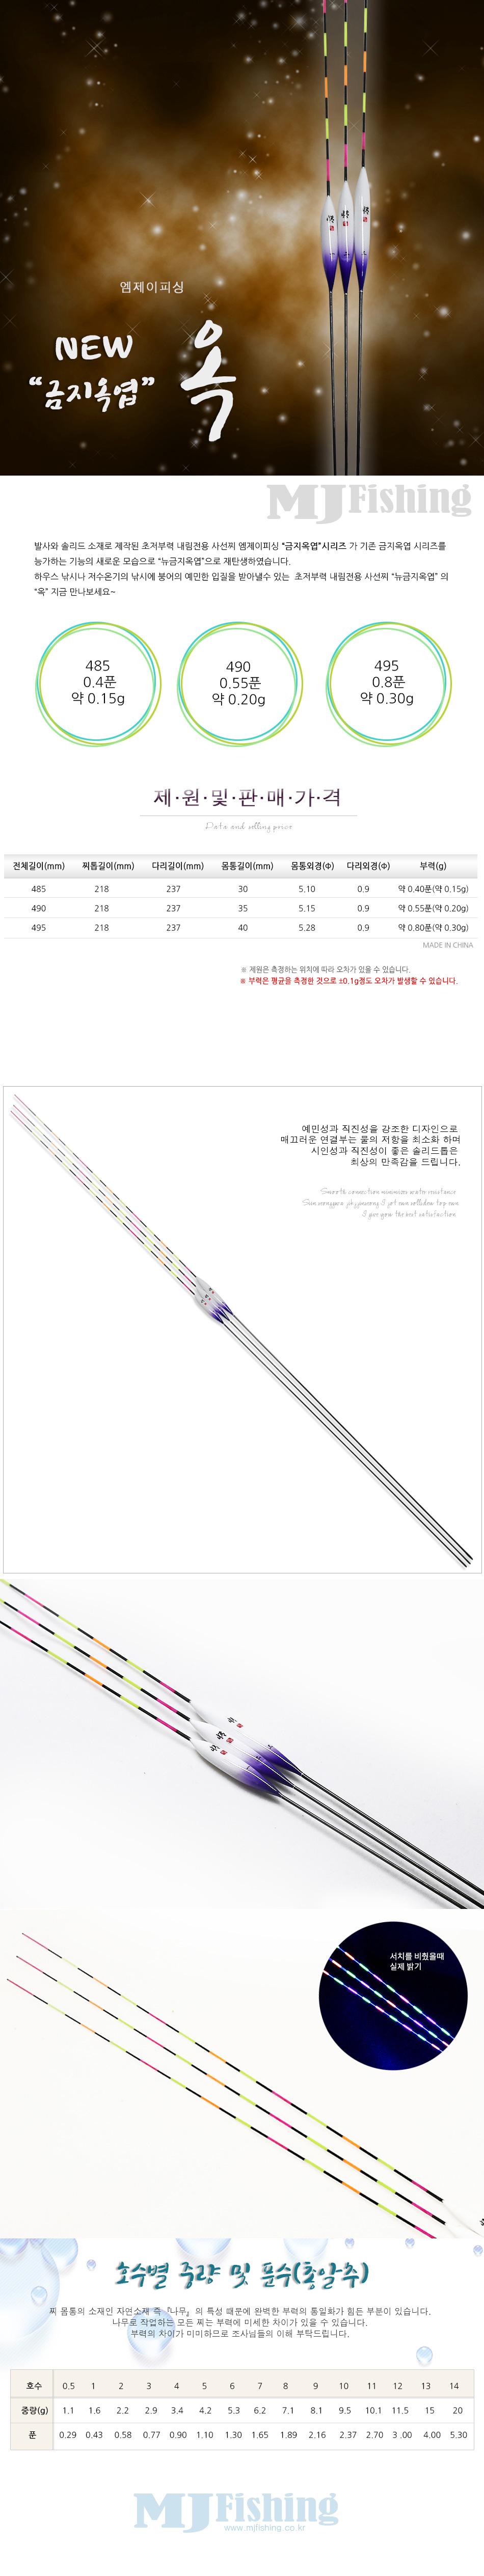 MJ피싱 사선찌 [옥] 중층내림낚시찌 중층찌